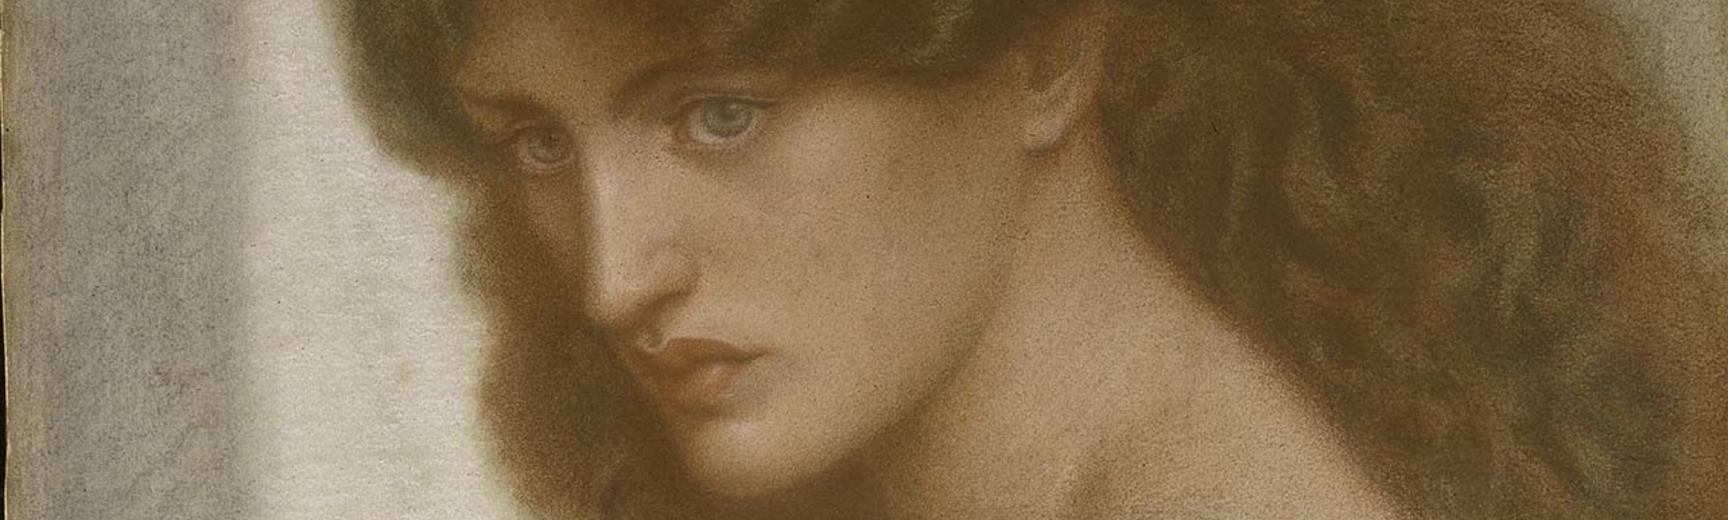 Detail of portrait of a women